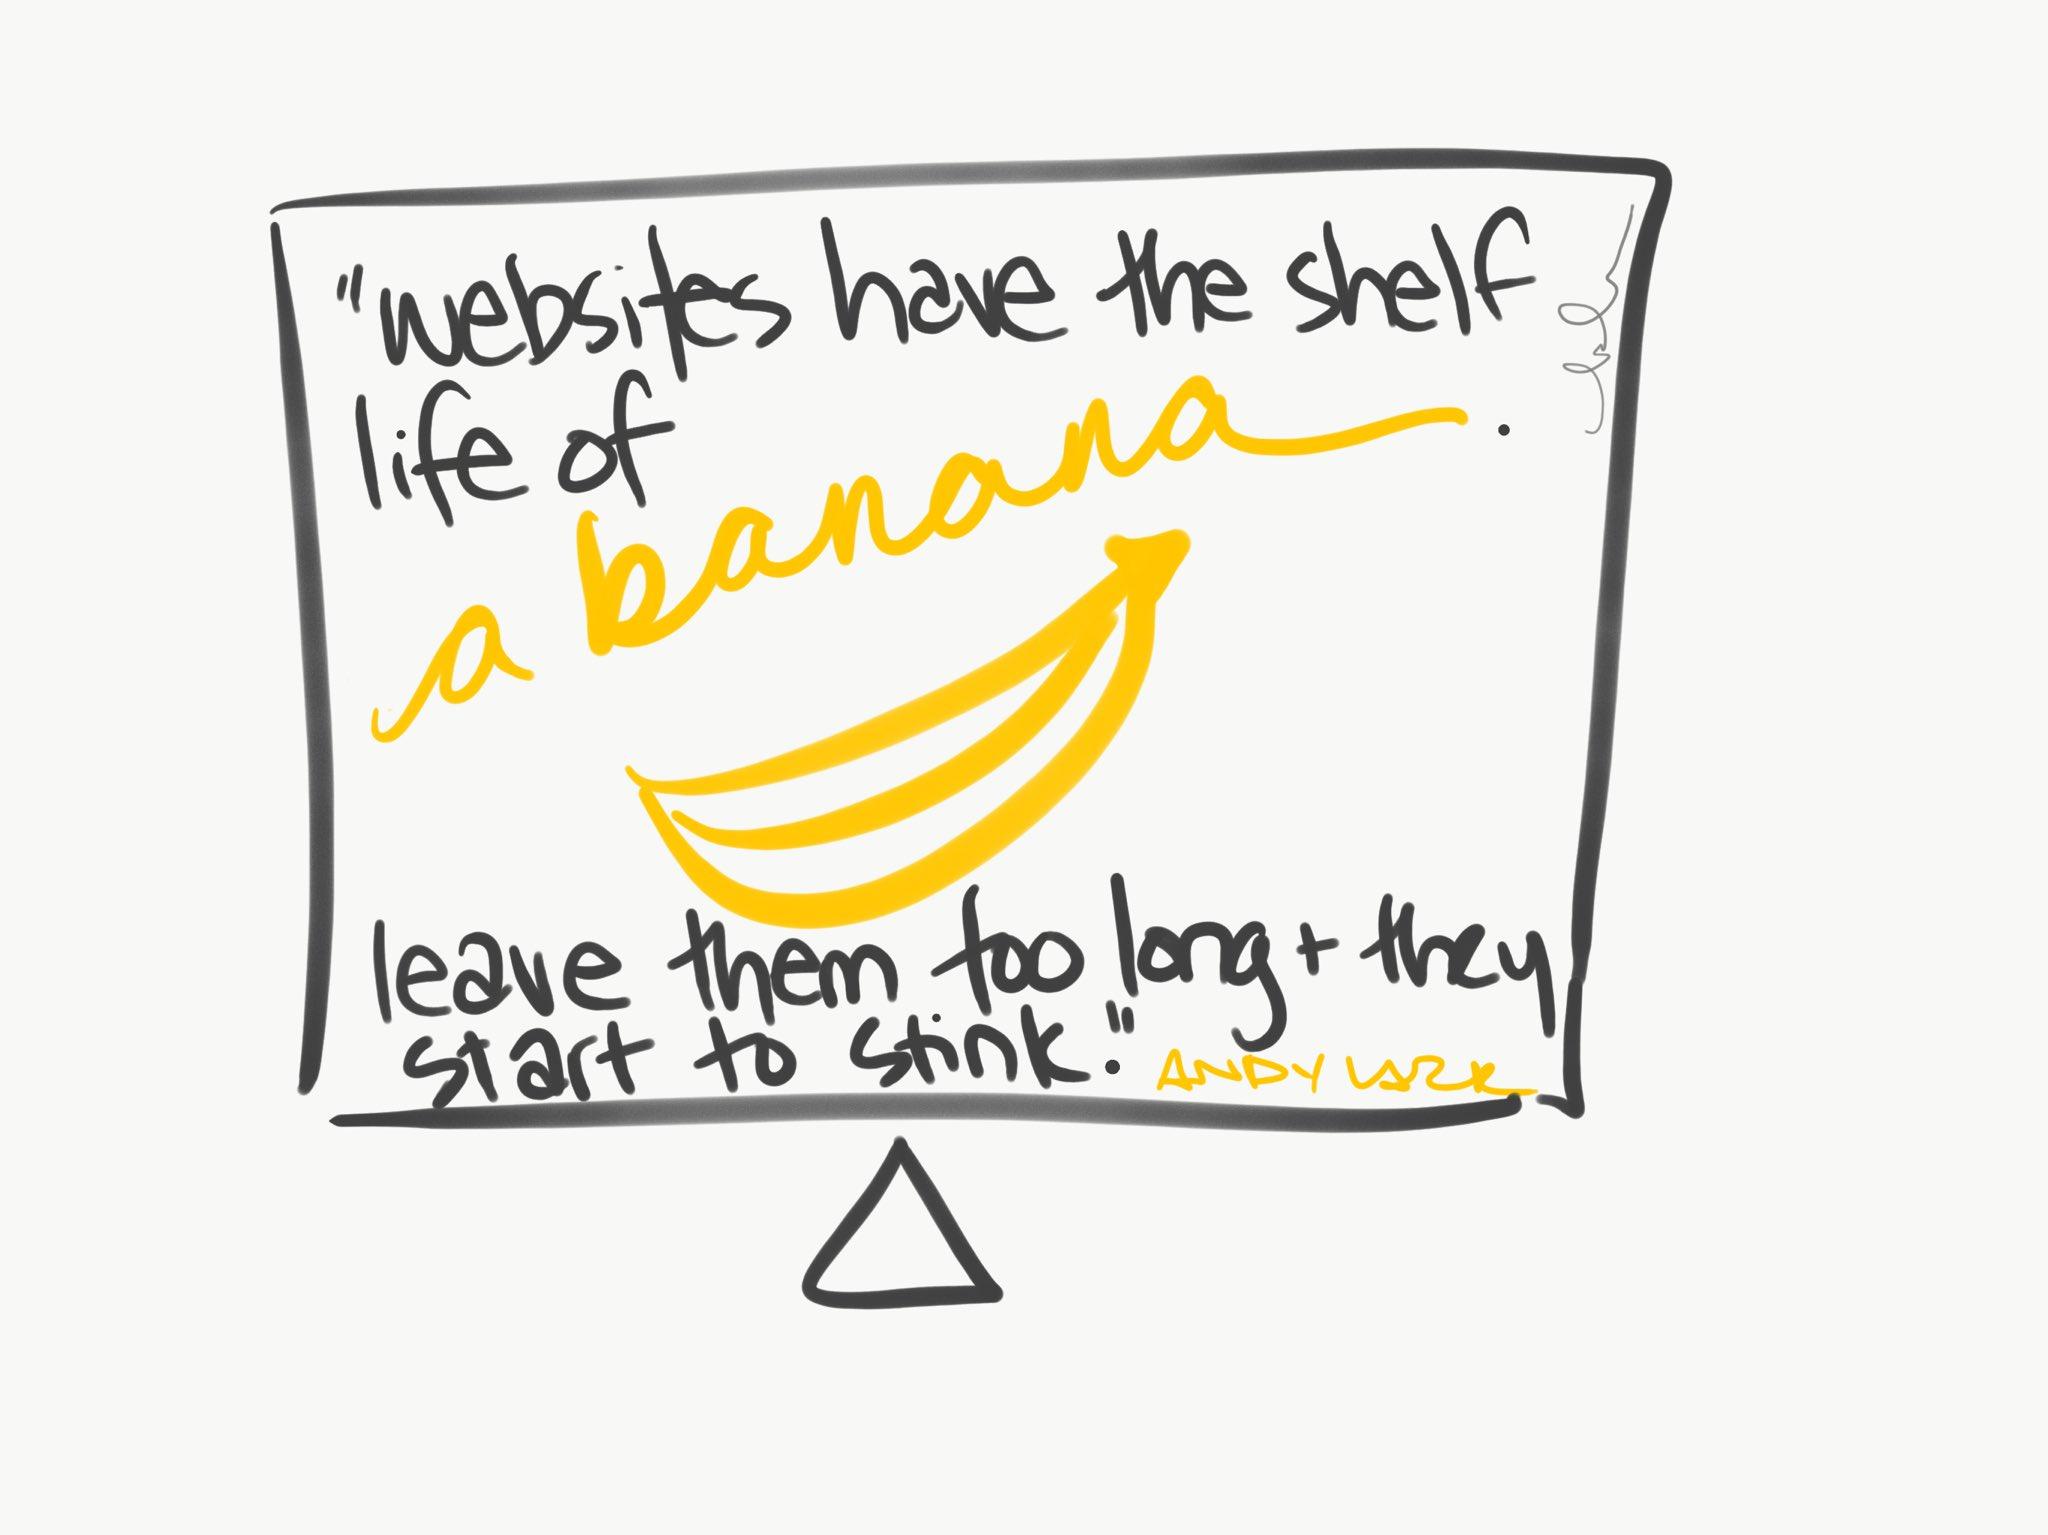 Andy Lark Websites Have a Shelf Life